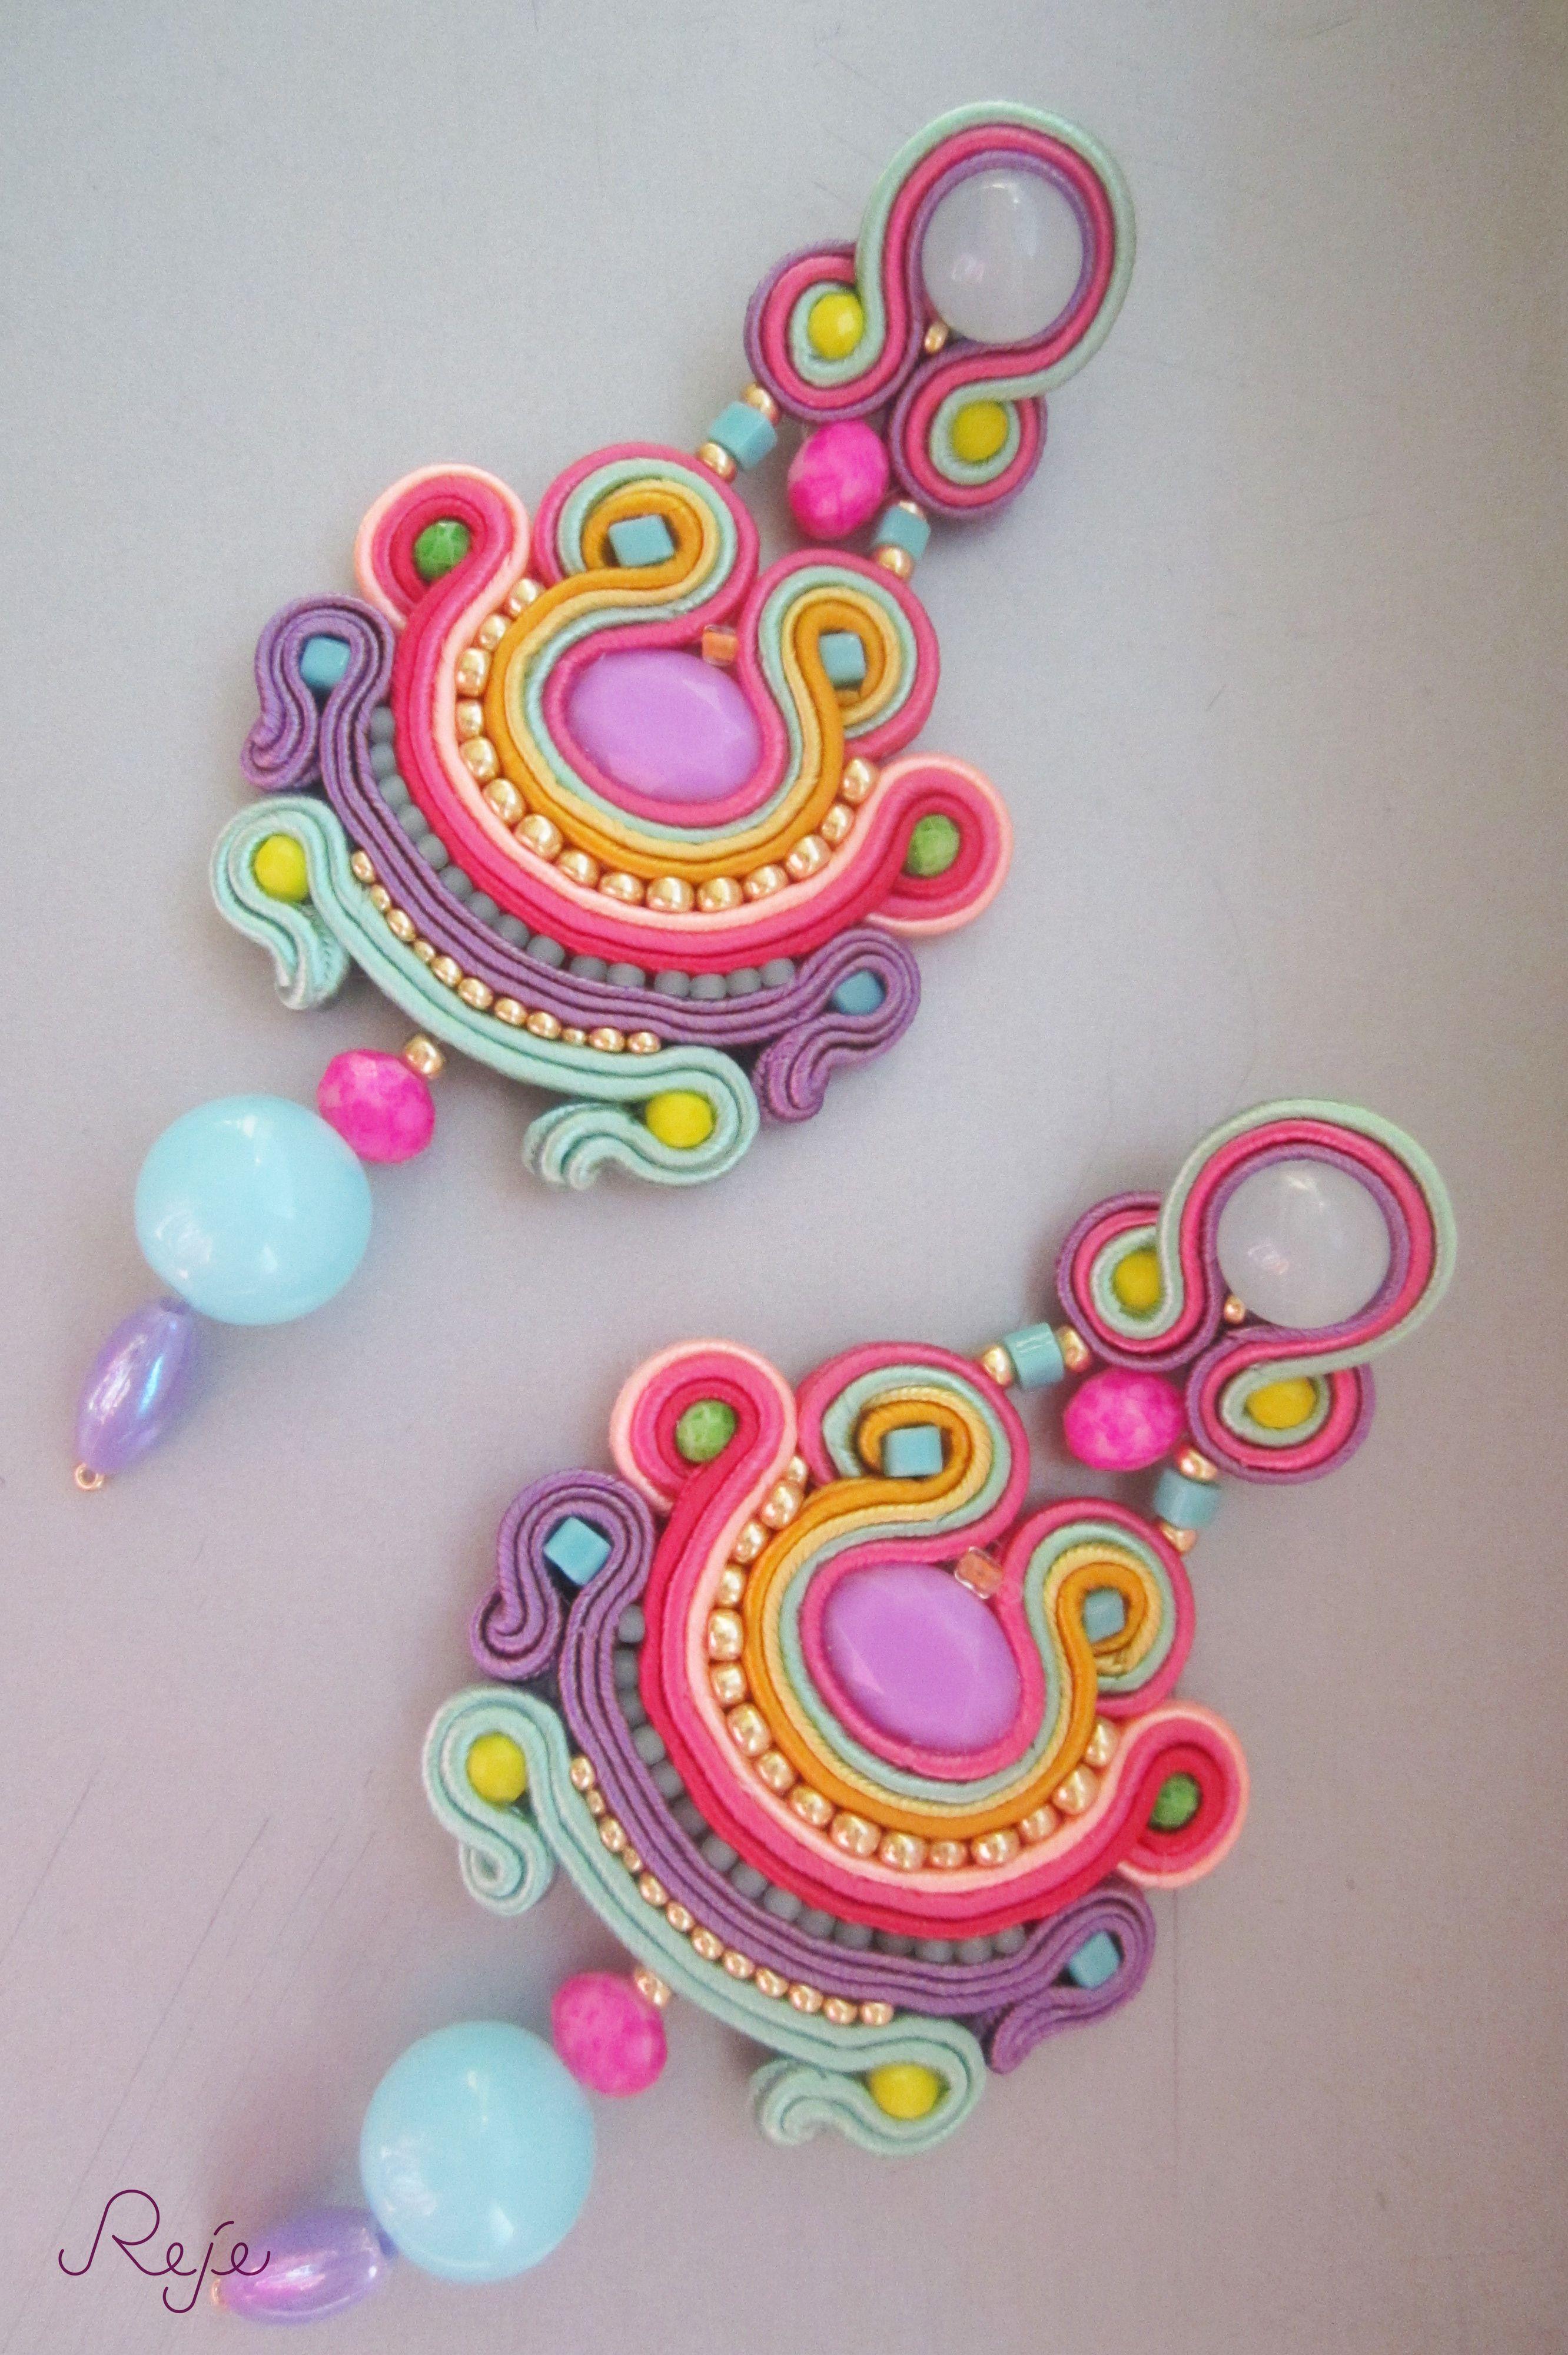 """Etsy shop: https://www.etsy.com/shop/Rejesoutache?ref=hdr_shop_menu Soutache earrings """"Mirabilis"""" -Reje- Fb: https://www.facebook.com/rejegioielliinsoutache"""